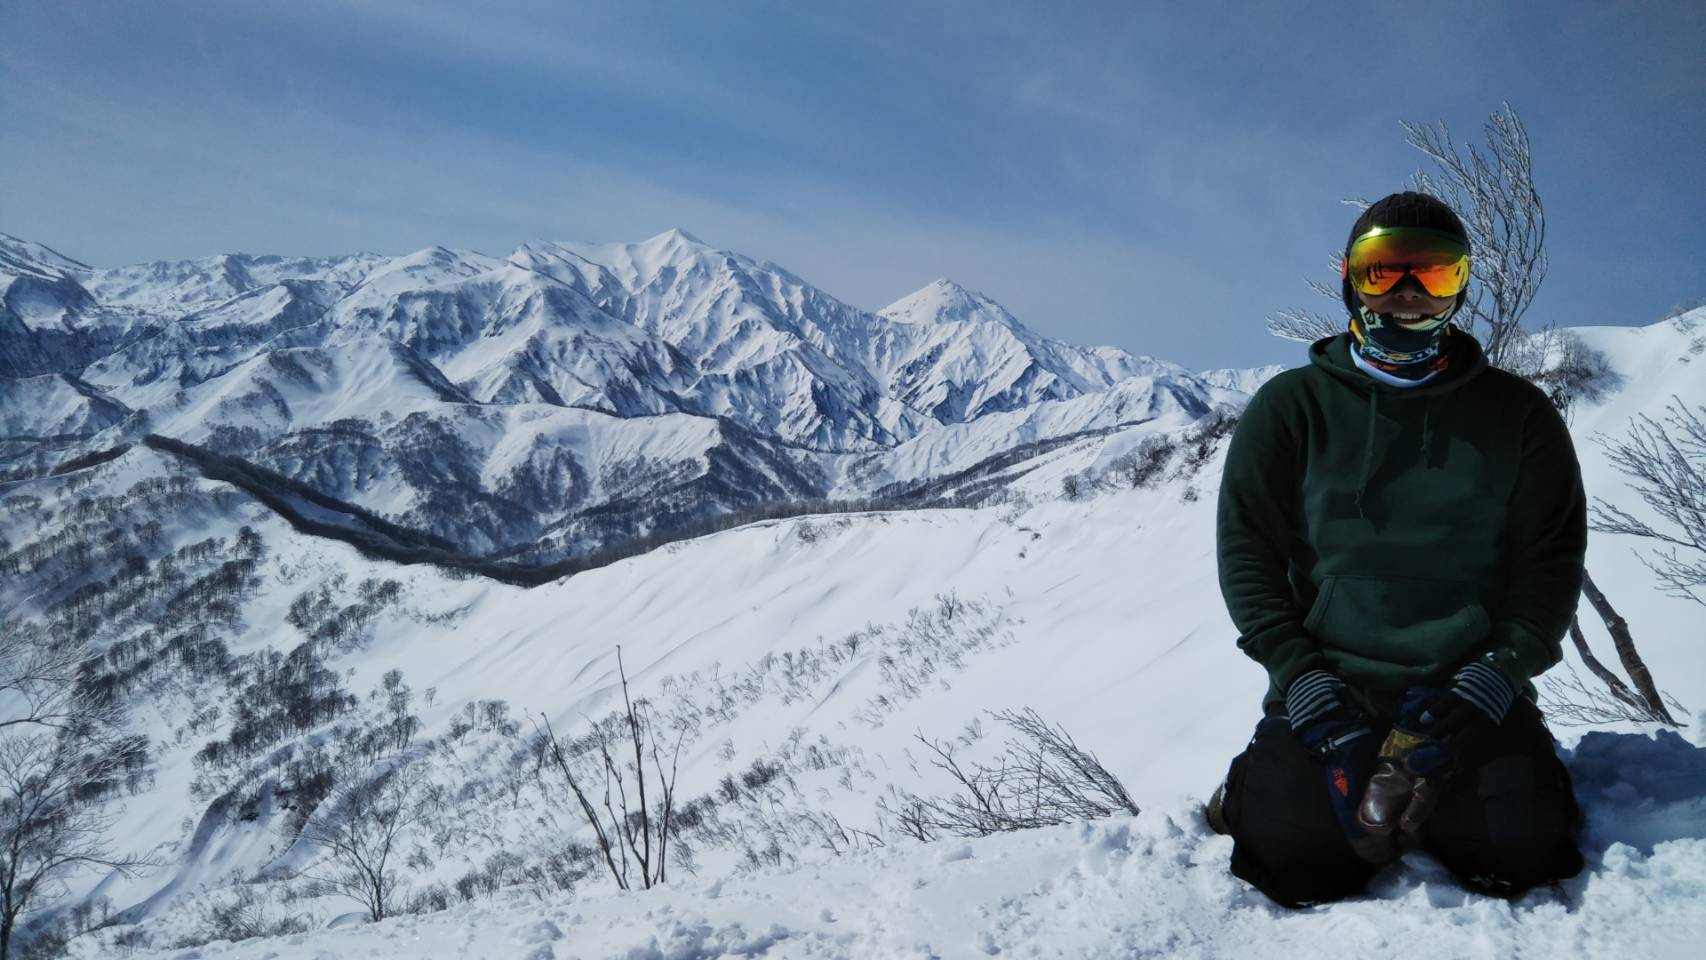 (新潟県/妙高高原)スノボを極めたくて始めたリフト券無料のスキー場バイト